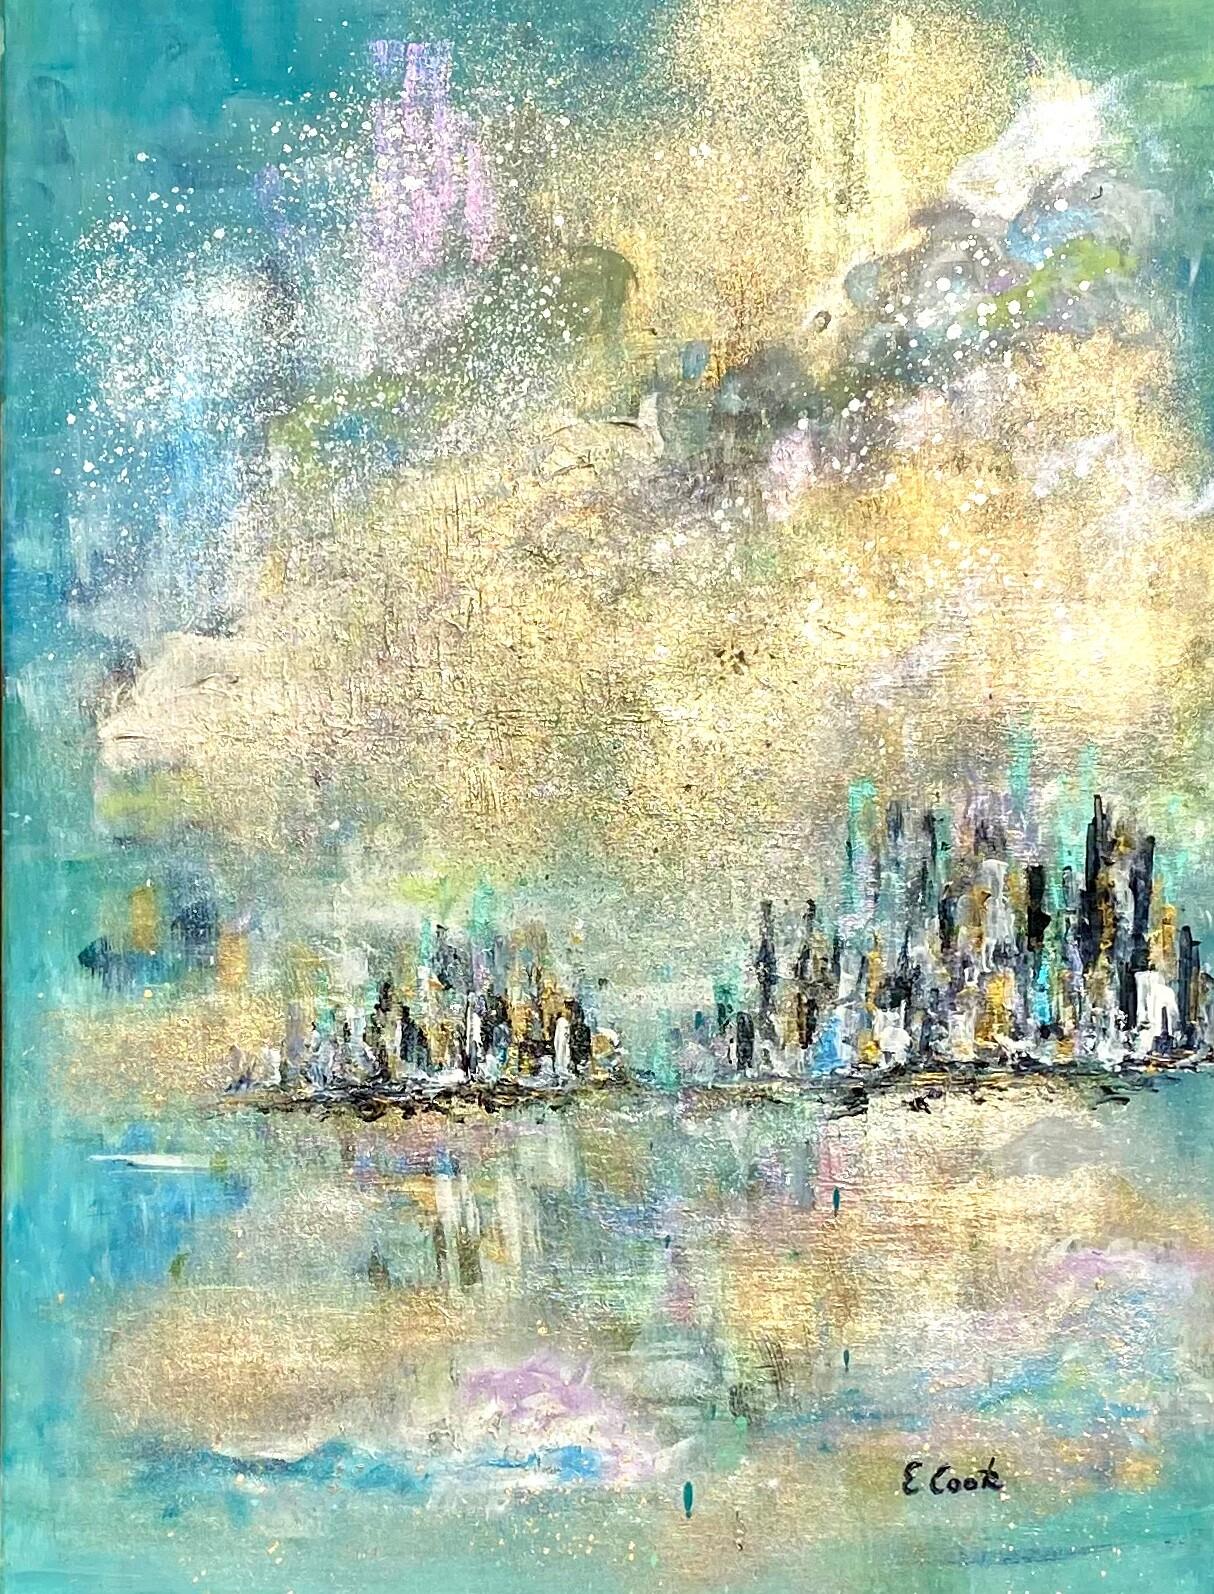 Elisa Cook - Skies of Gold